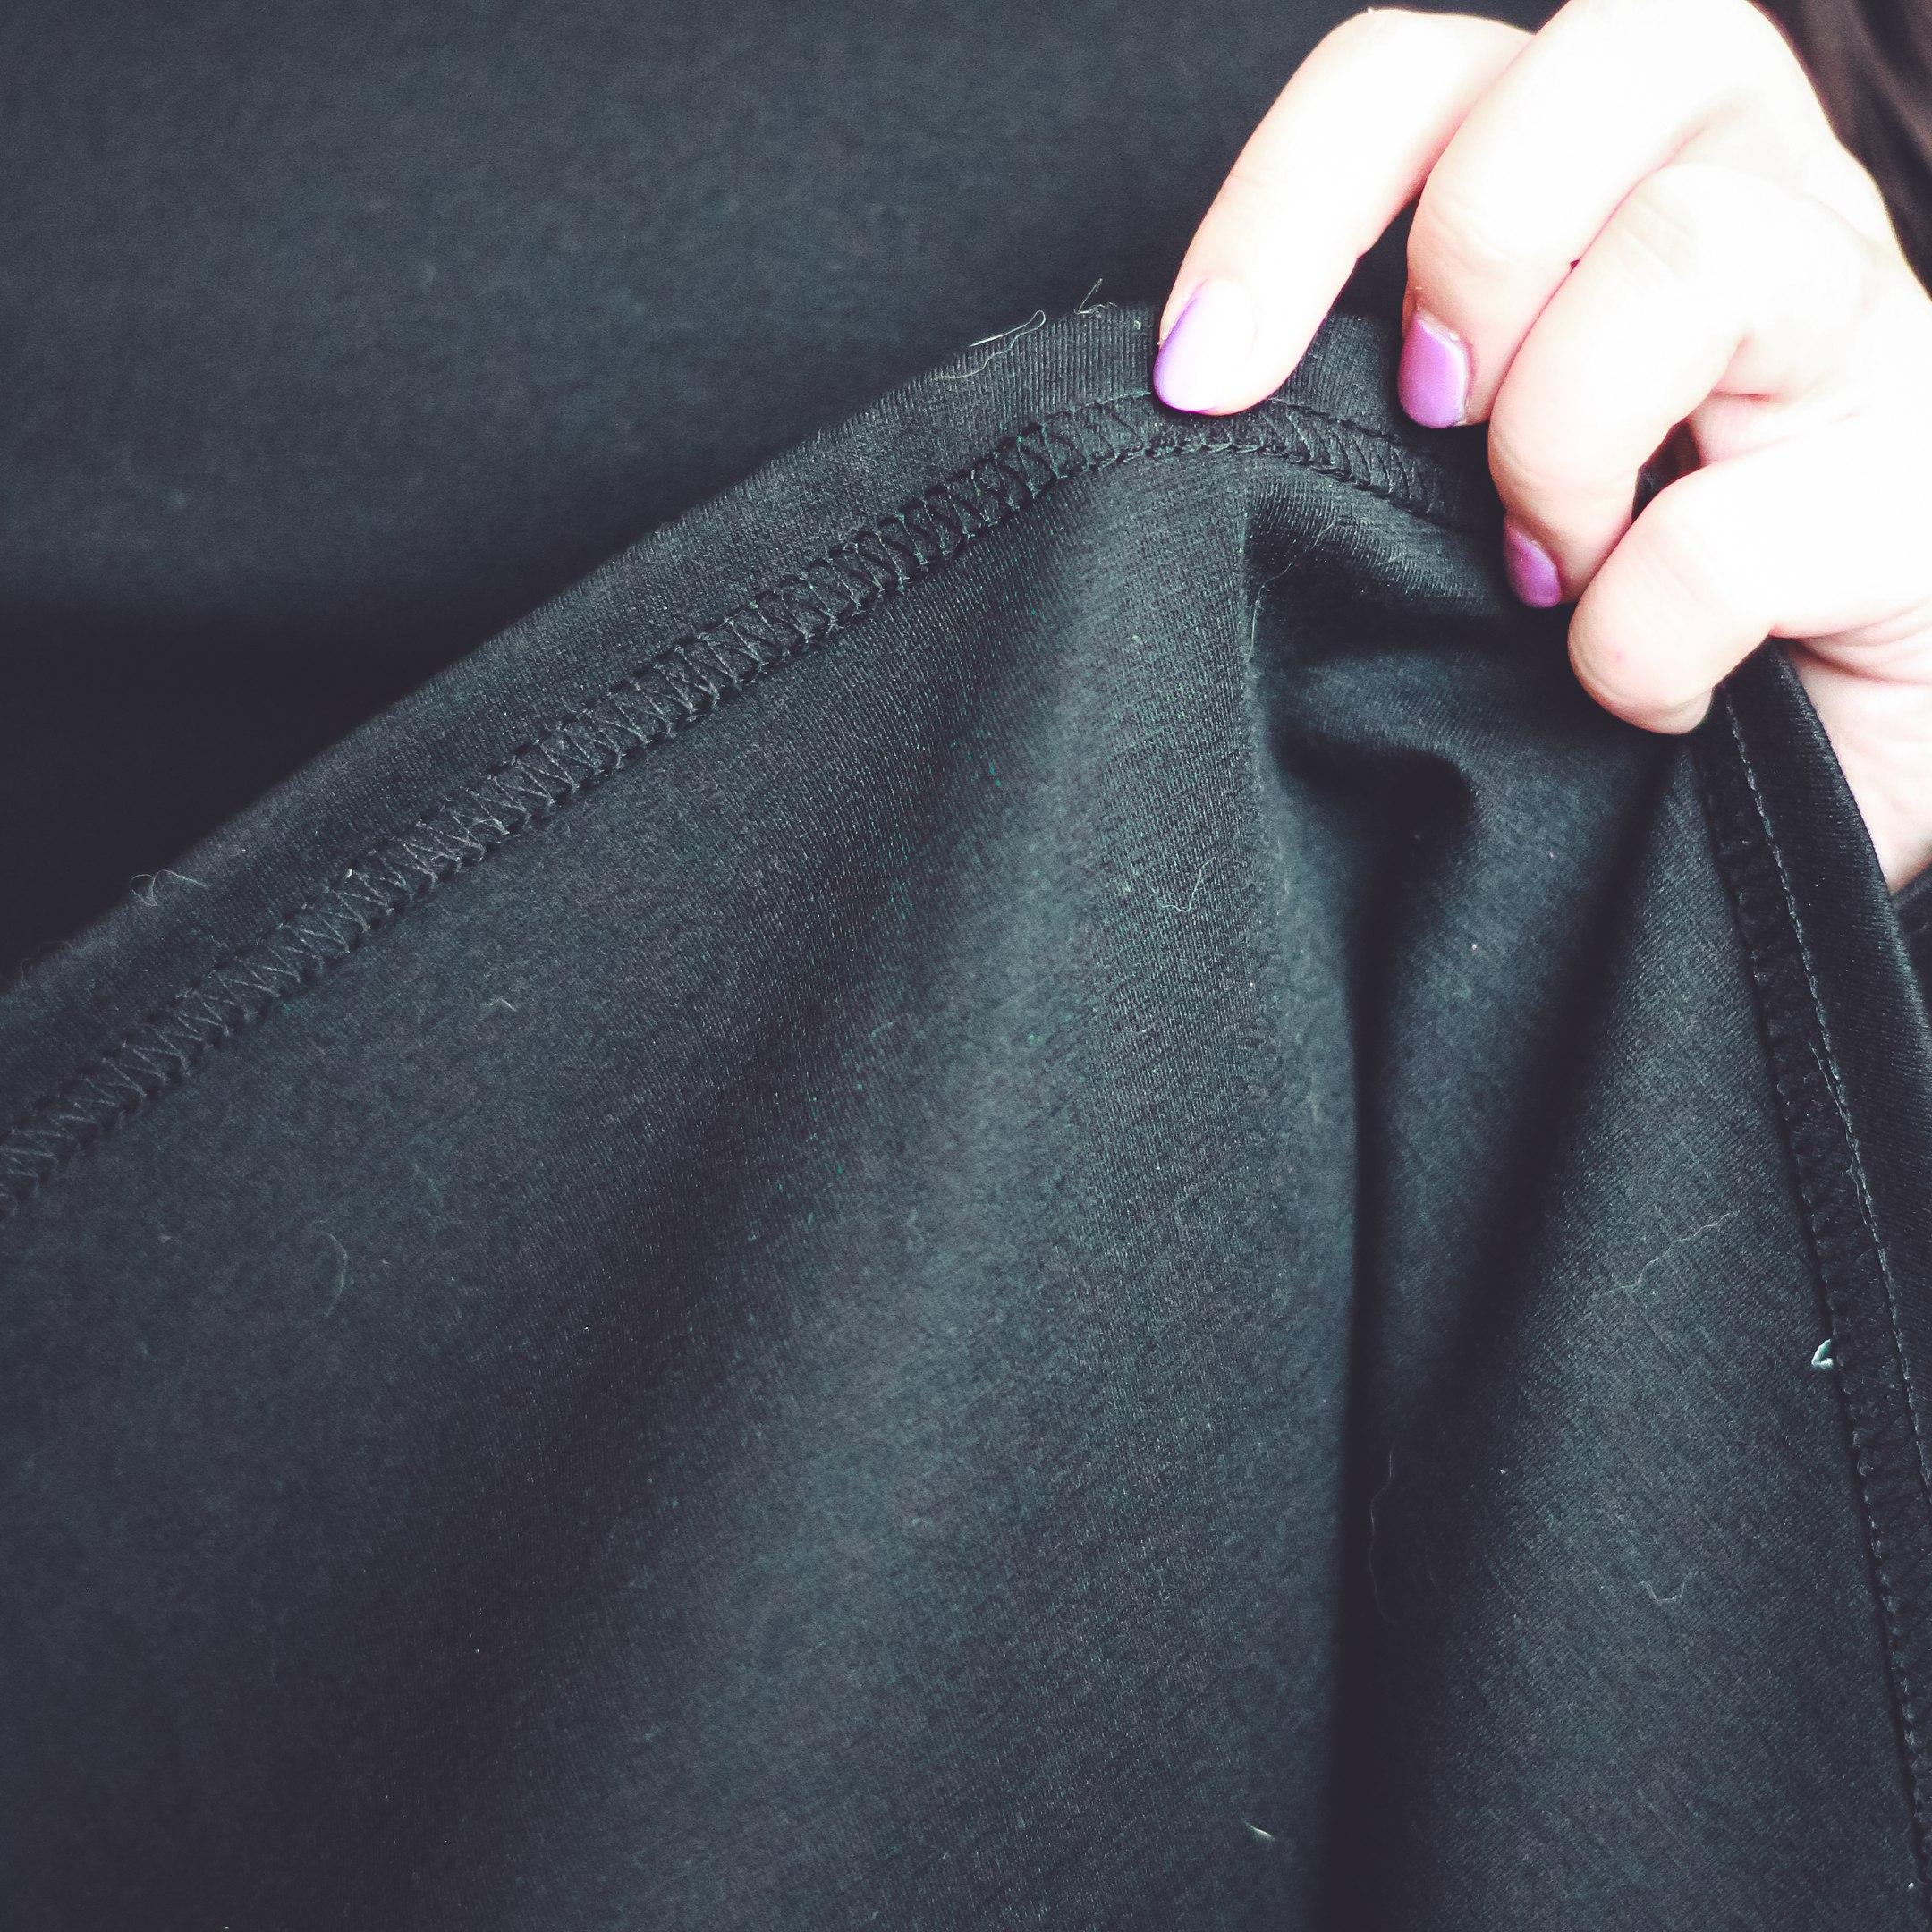 Еще одно платье в моем гардеробе от магазина Rosetic